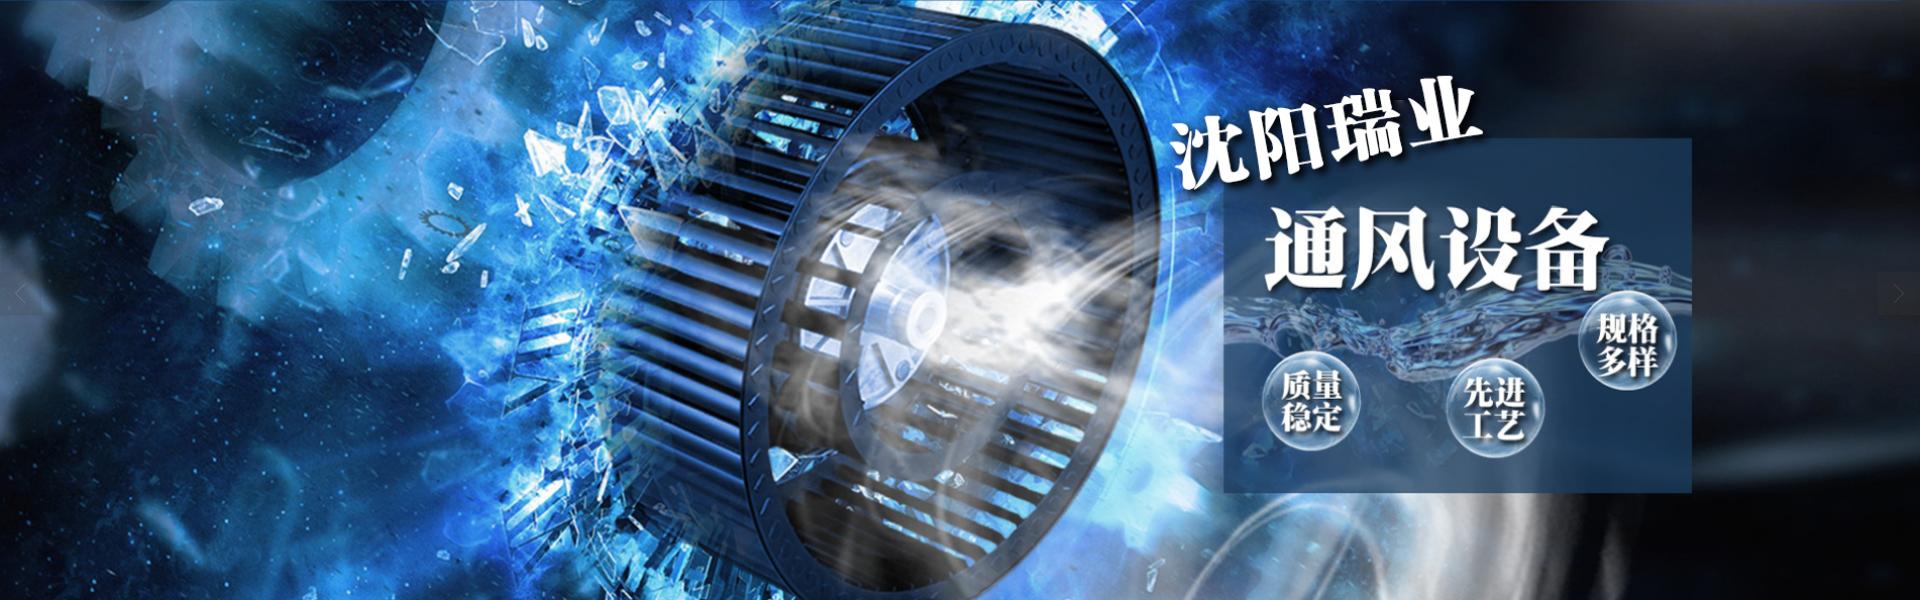 沈陽人防設備 沈陽防火閥 沈陽排煙風機 沈陽軸流風機 沈陽油煙凈化器